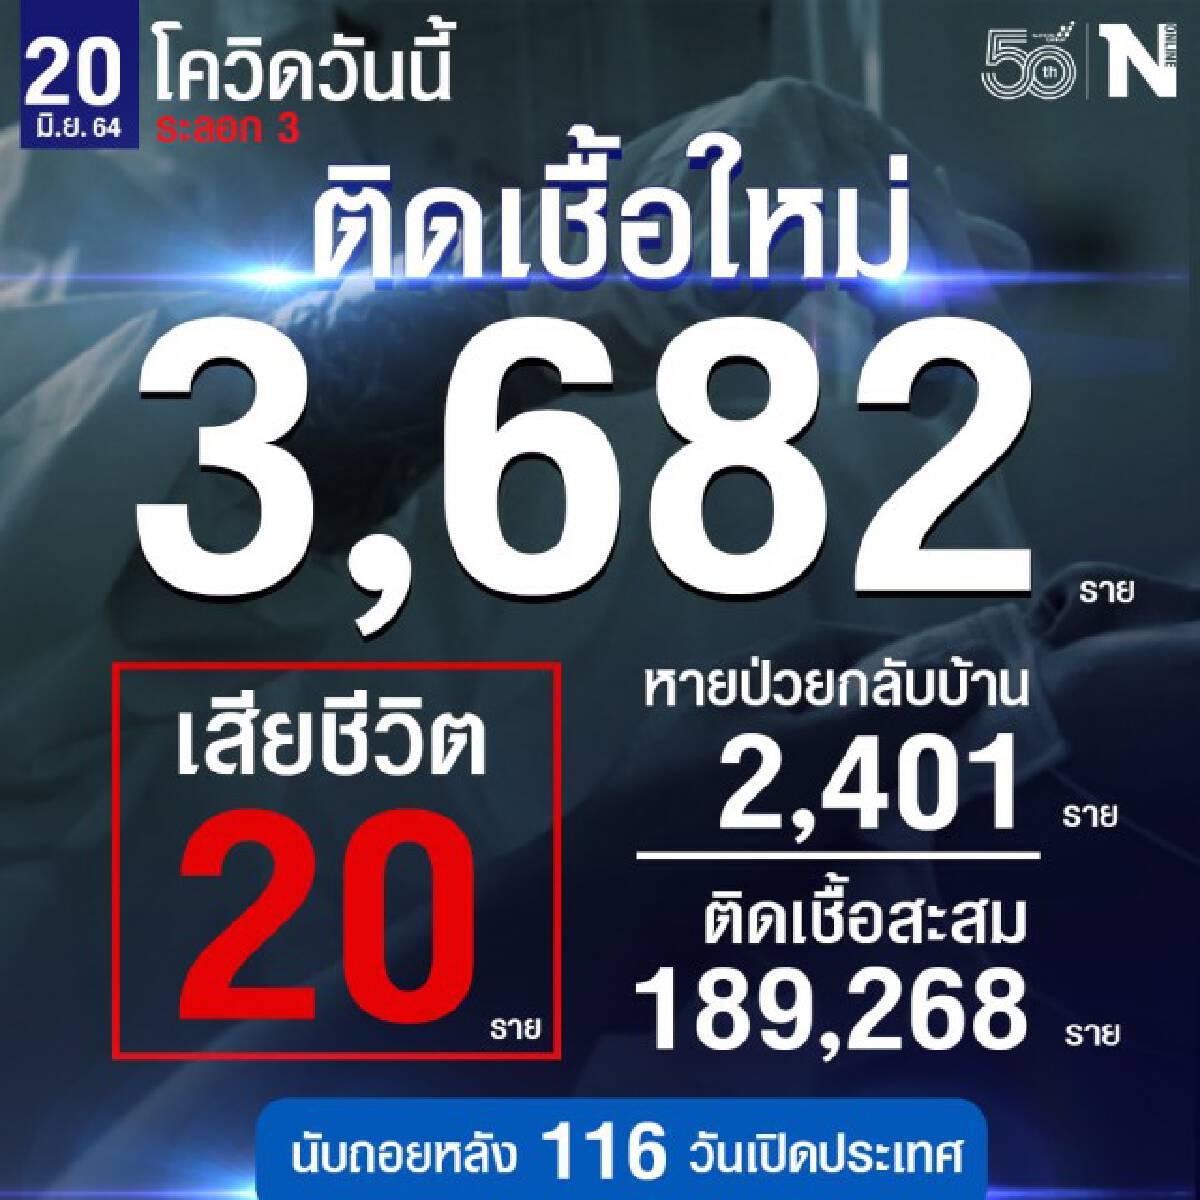 ศบค.เผย ยอดผู้ติดเชื้อรายใหม่รวม 3,682 ราย หายป่วยกลับบ้าน 2,401 ราย  เสียชีวิต 20 ราย